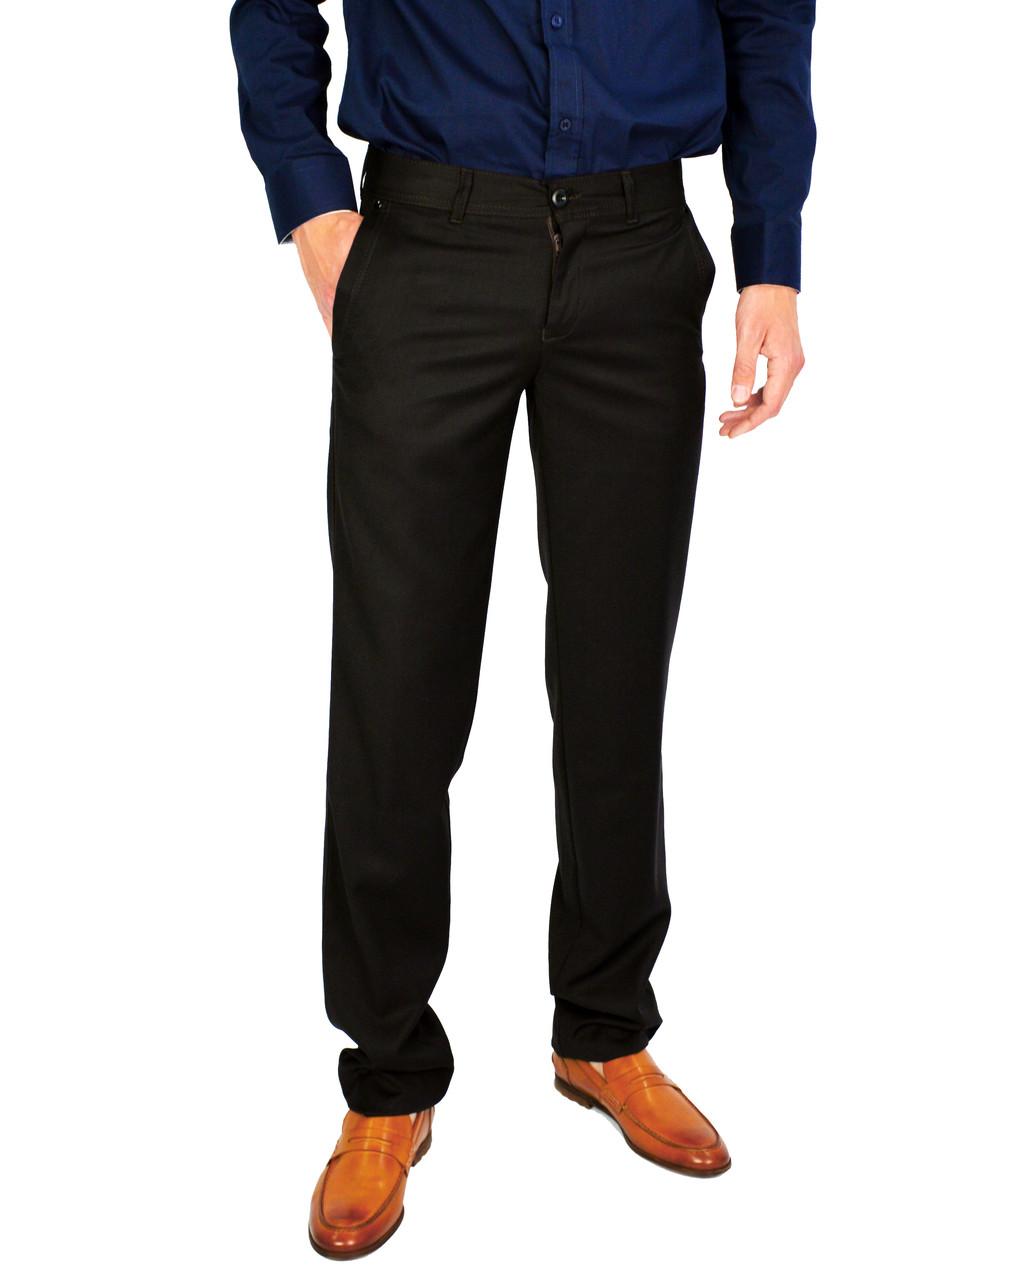 Коричневые мужские брюки классические VIK VLADIS